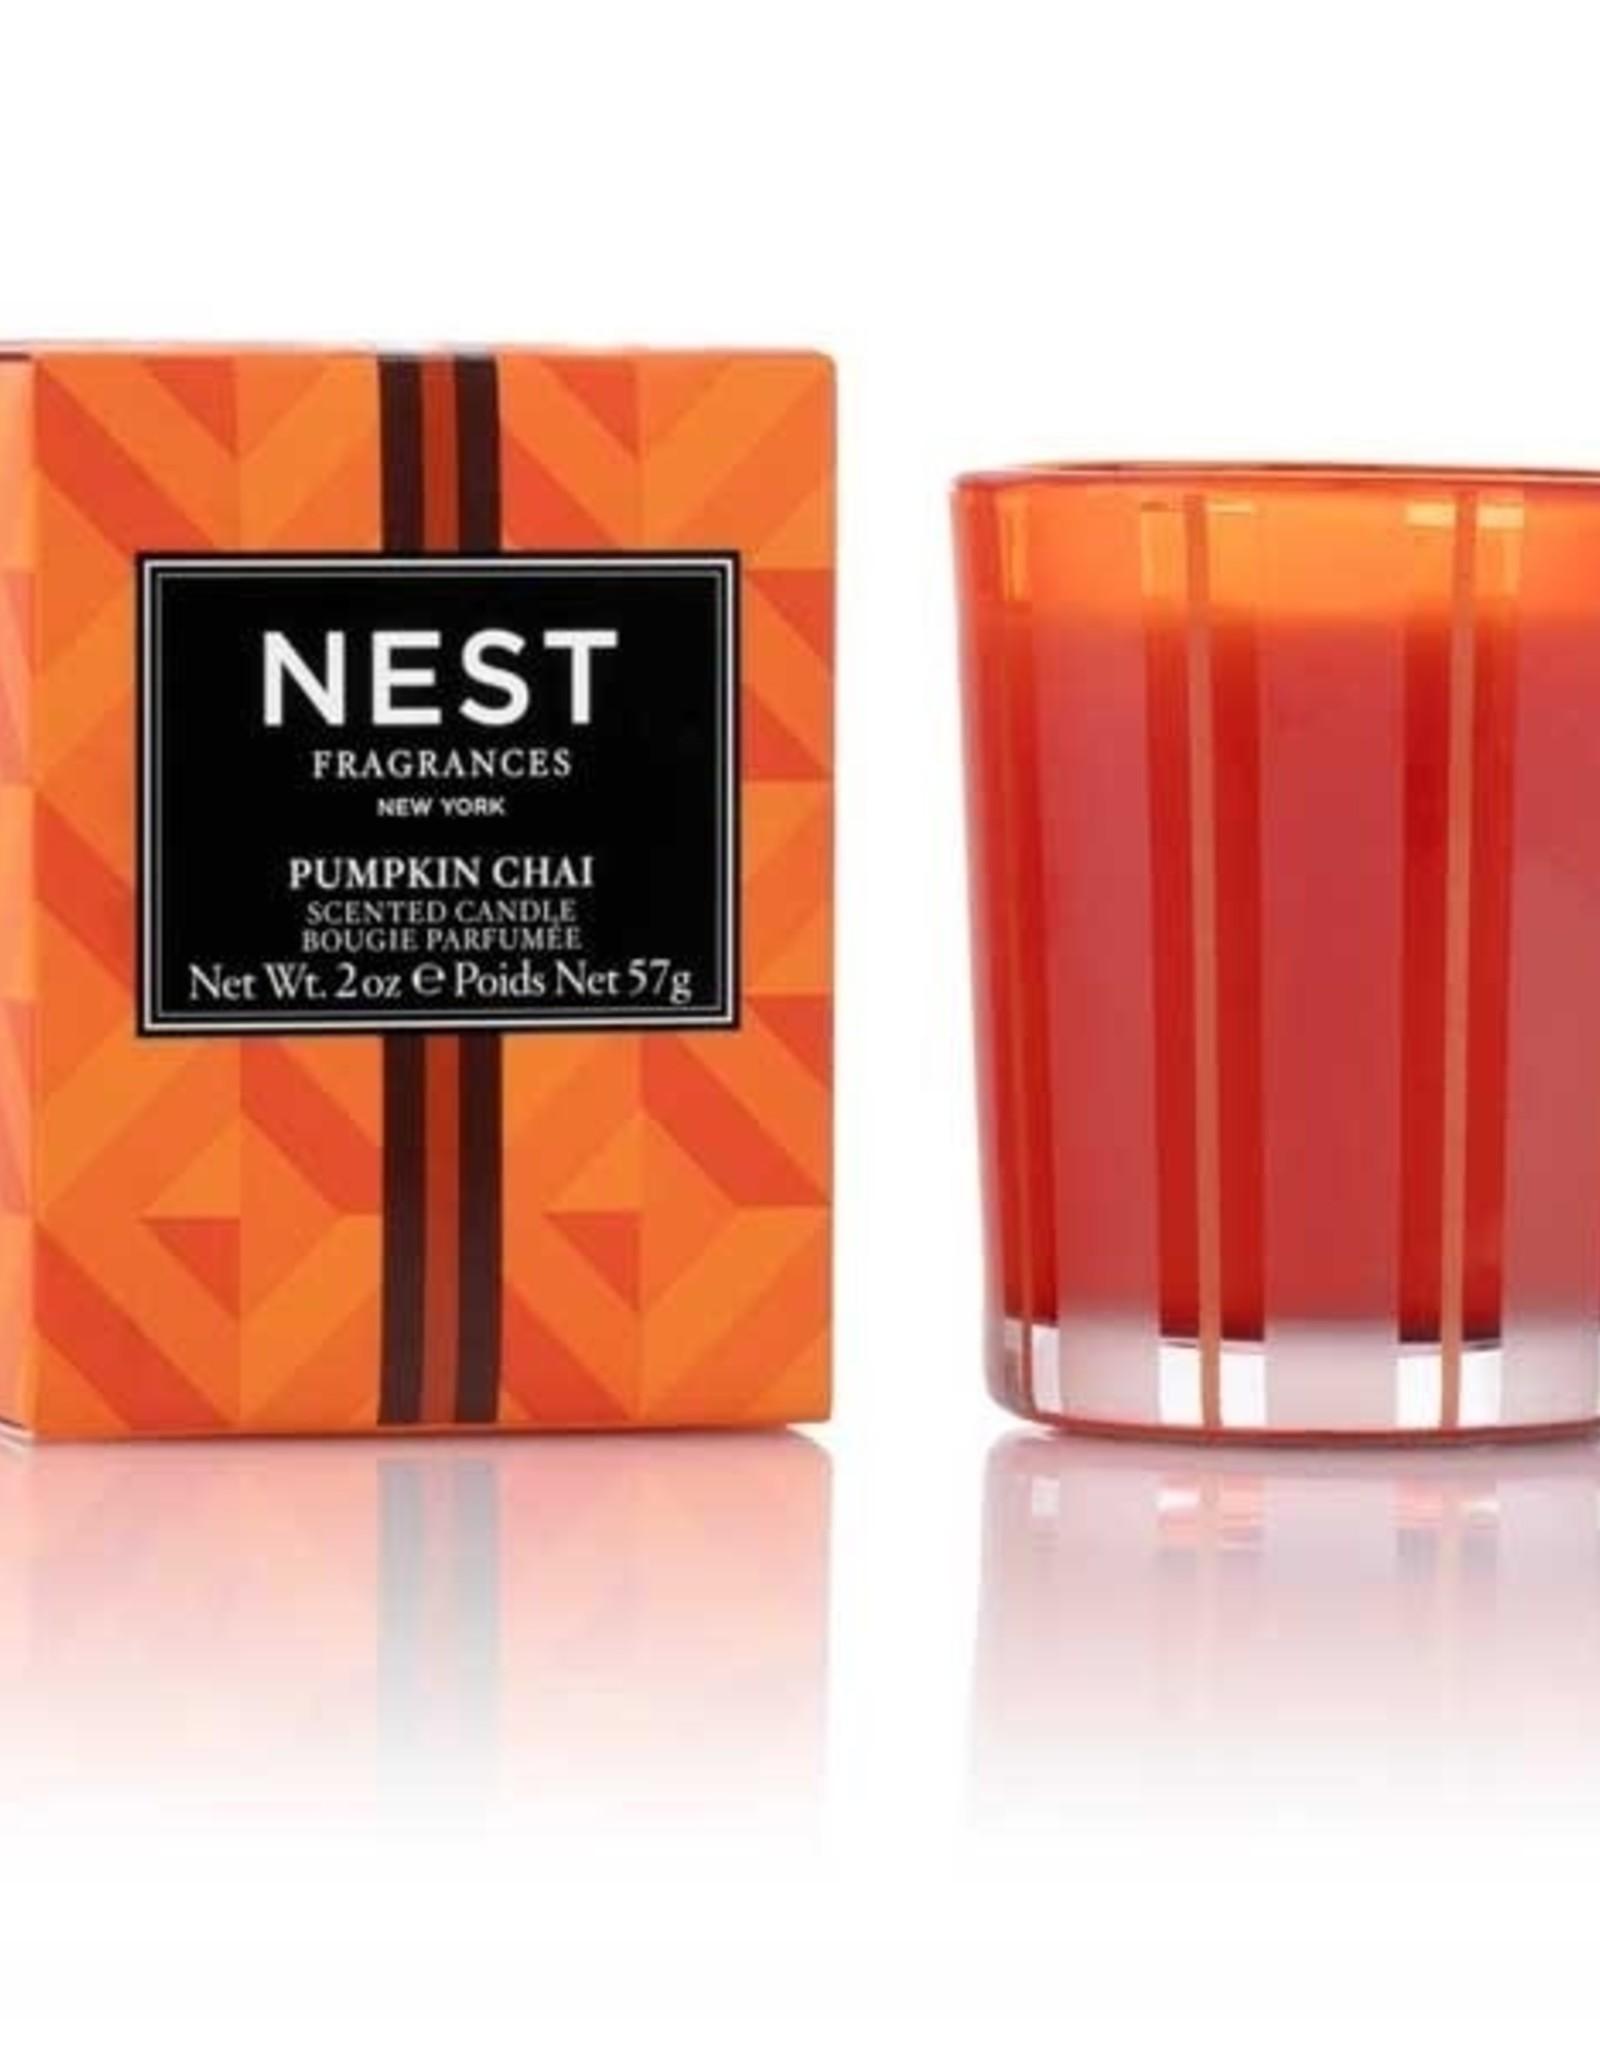 Nest Fragrances Pumpkin Chai Votive Candle